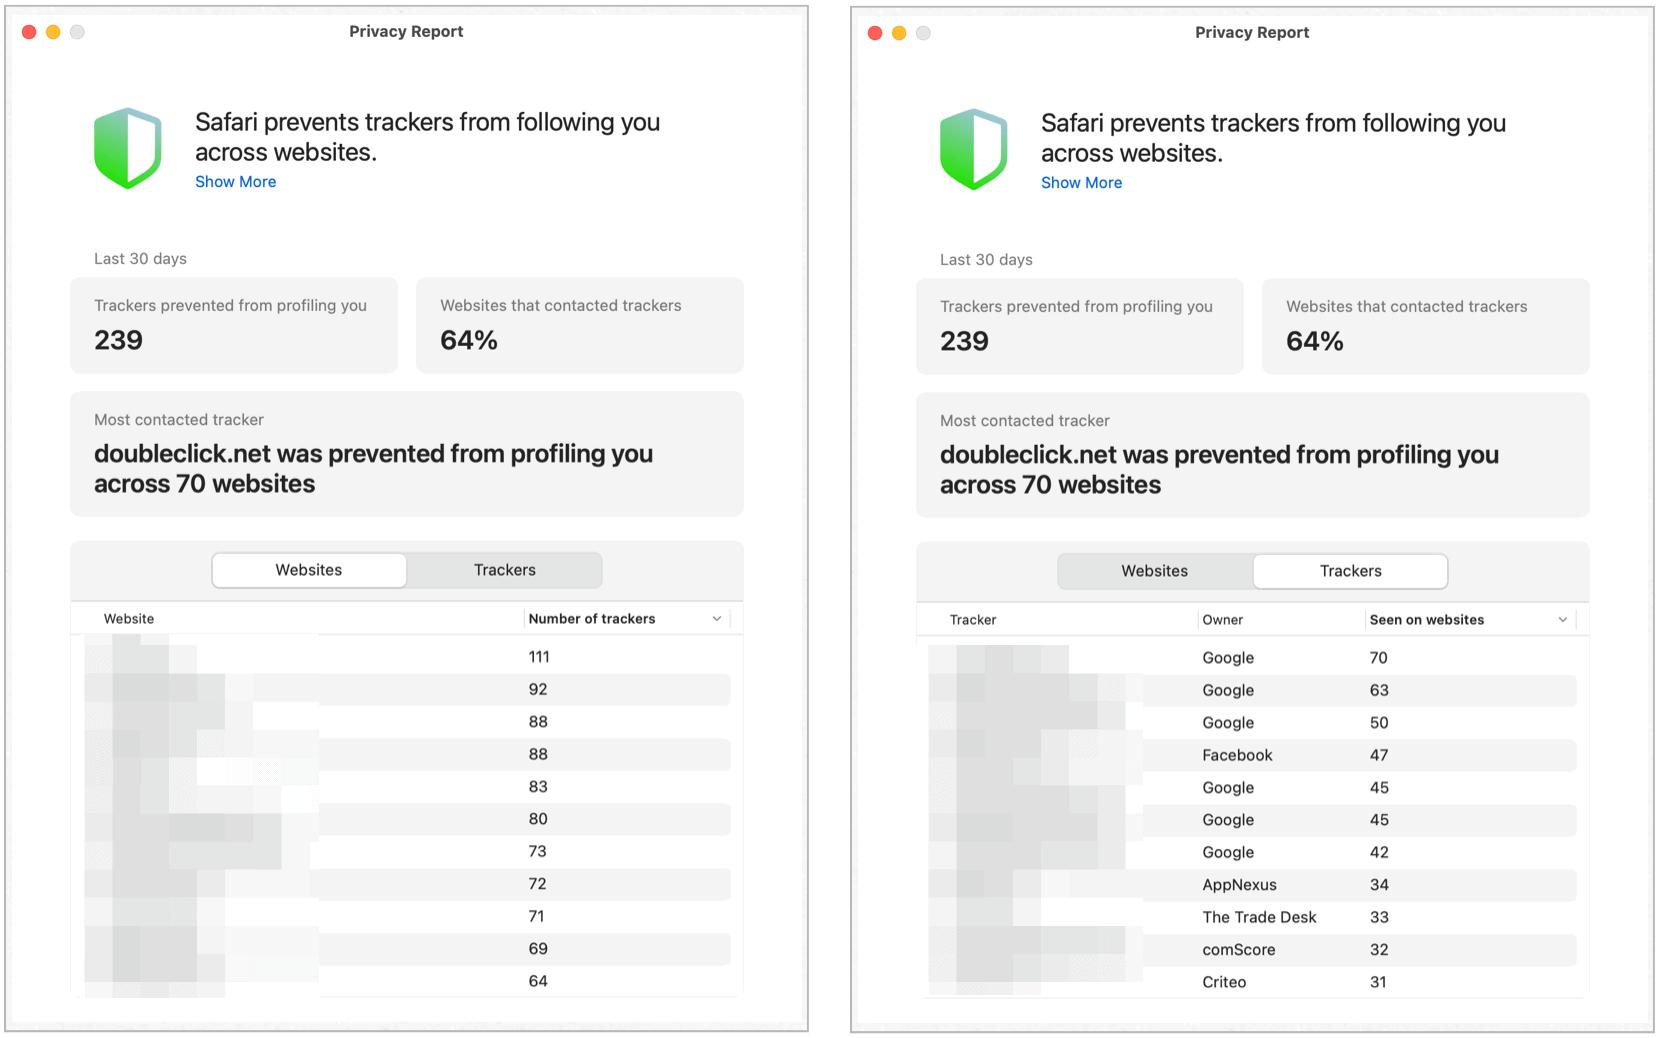 Safari privacy report